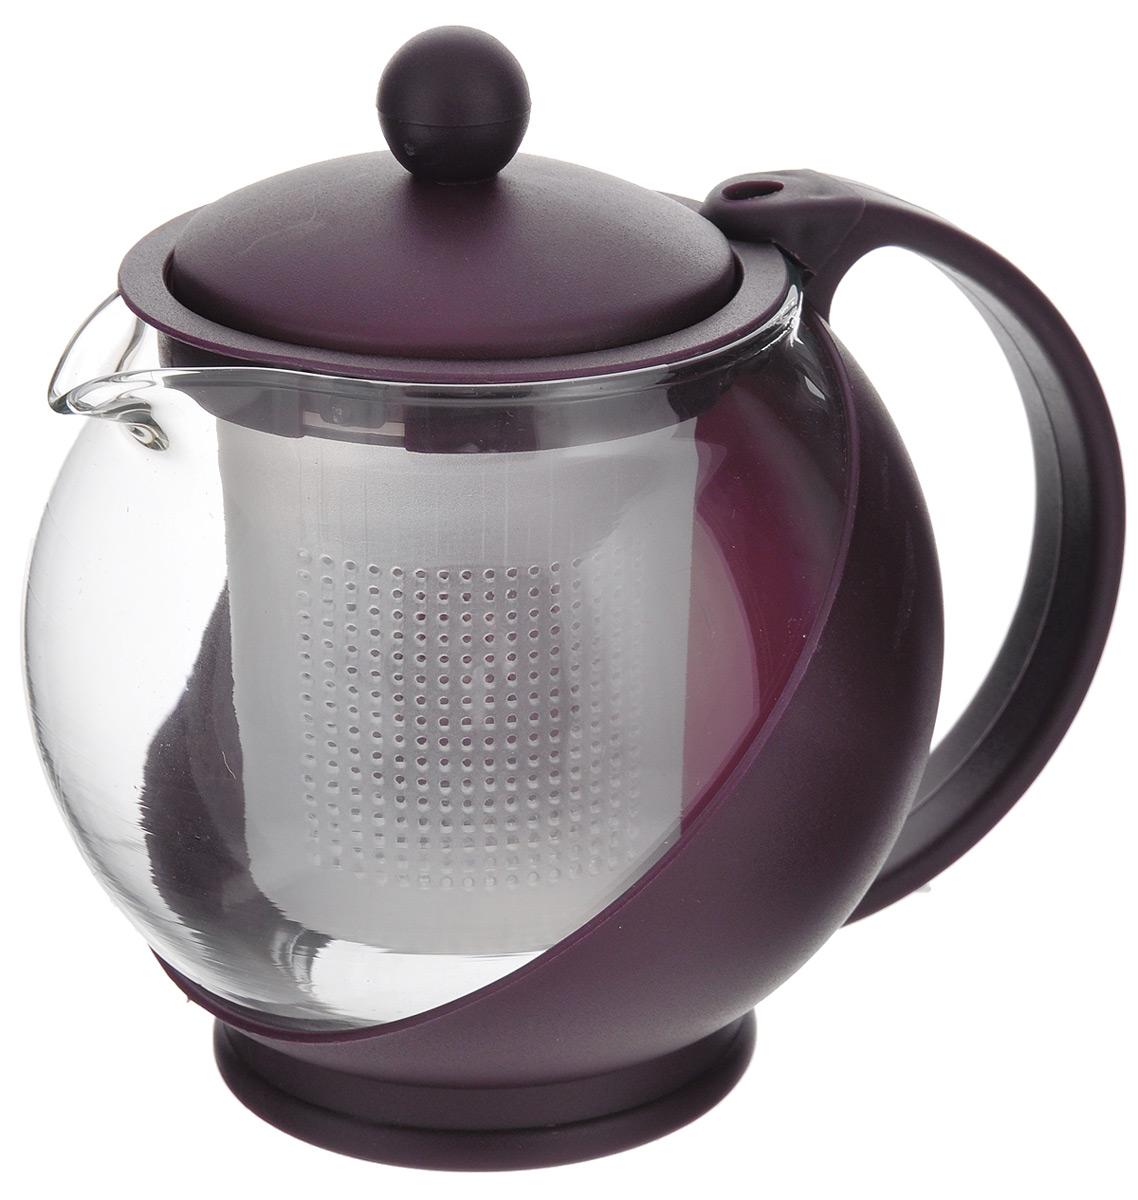 Чайник заварочный Miolla, с фильтром, цвет: вишневый, 500 мл. DHA020P/A54 009303Заварочный чайник Miolla изготовлен из жаропрочного стекла и термостойкого пластика. Чай в таком чайнике дольше остается горячим, а полезные и ароматические вещества полностью сохраняются в напитке. Чайник оснащен фильтром и крышкой. Простой и удобный чайник поможет вам приготовить крепкий, ароматный чай. Разборная конструкция обеспечивает легкий уход. Можно мыть в посудомоечной машине. Не использовать в микроволновой печи.Диаметр чайника (по верхнему краю): 6,2 см.Высота чайника (без учета крышки): 10 см.Высота фильтра: 7,5 см.